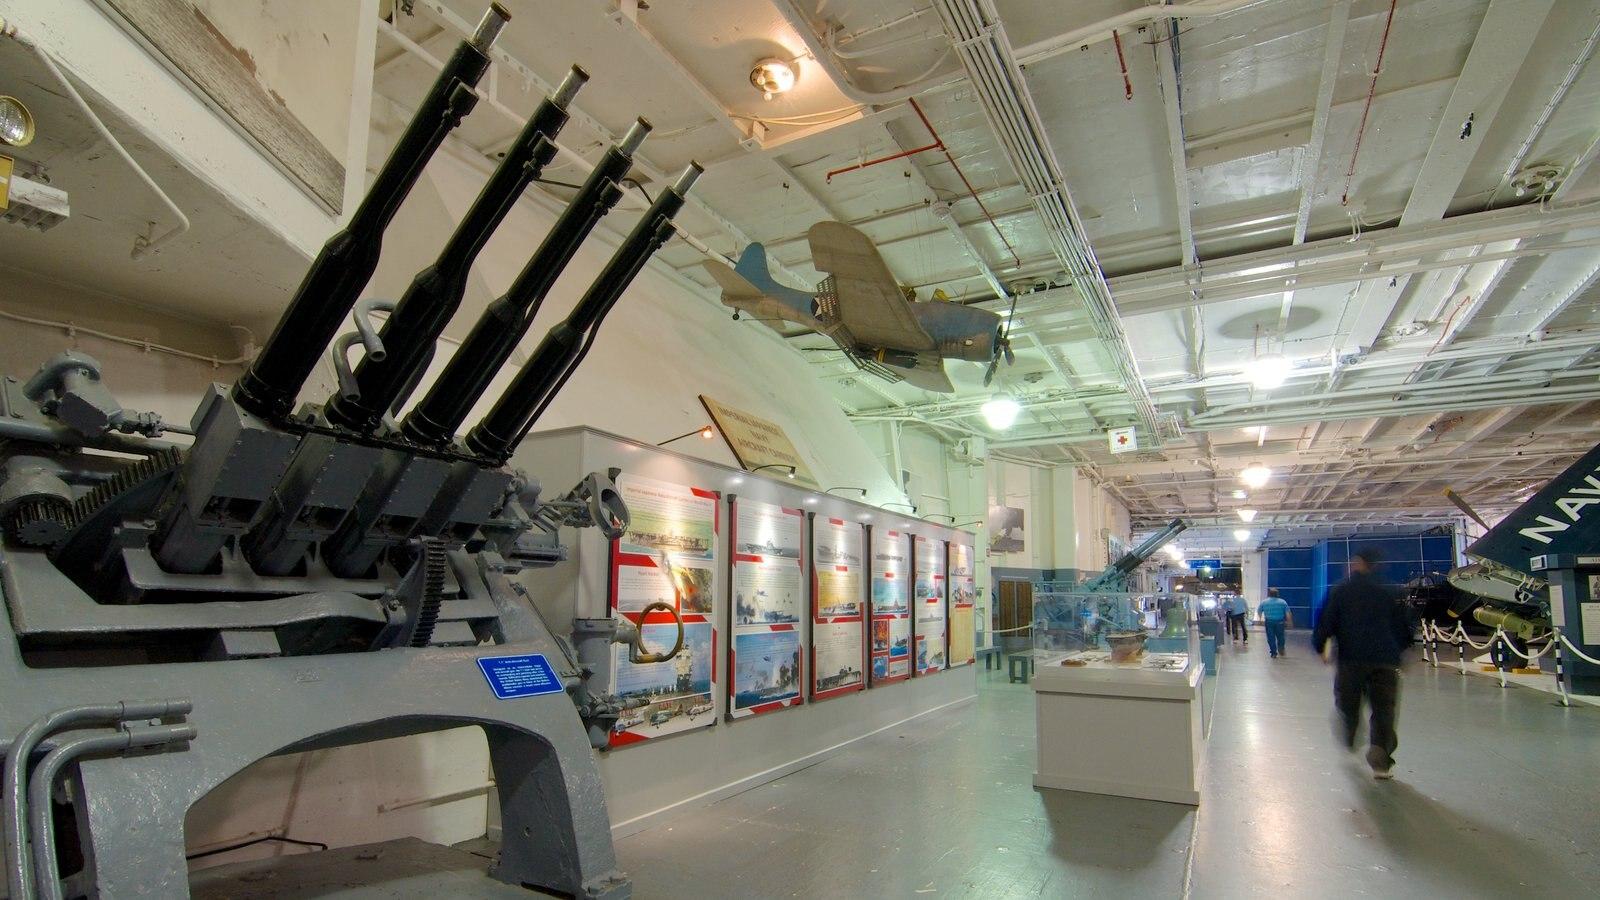 USS Yorktown mostrando vistas internas e itens militares